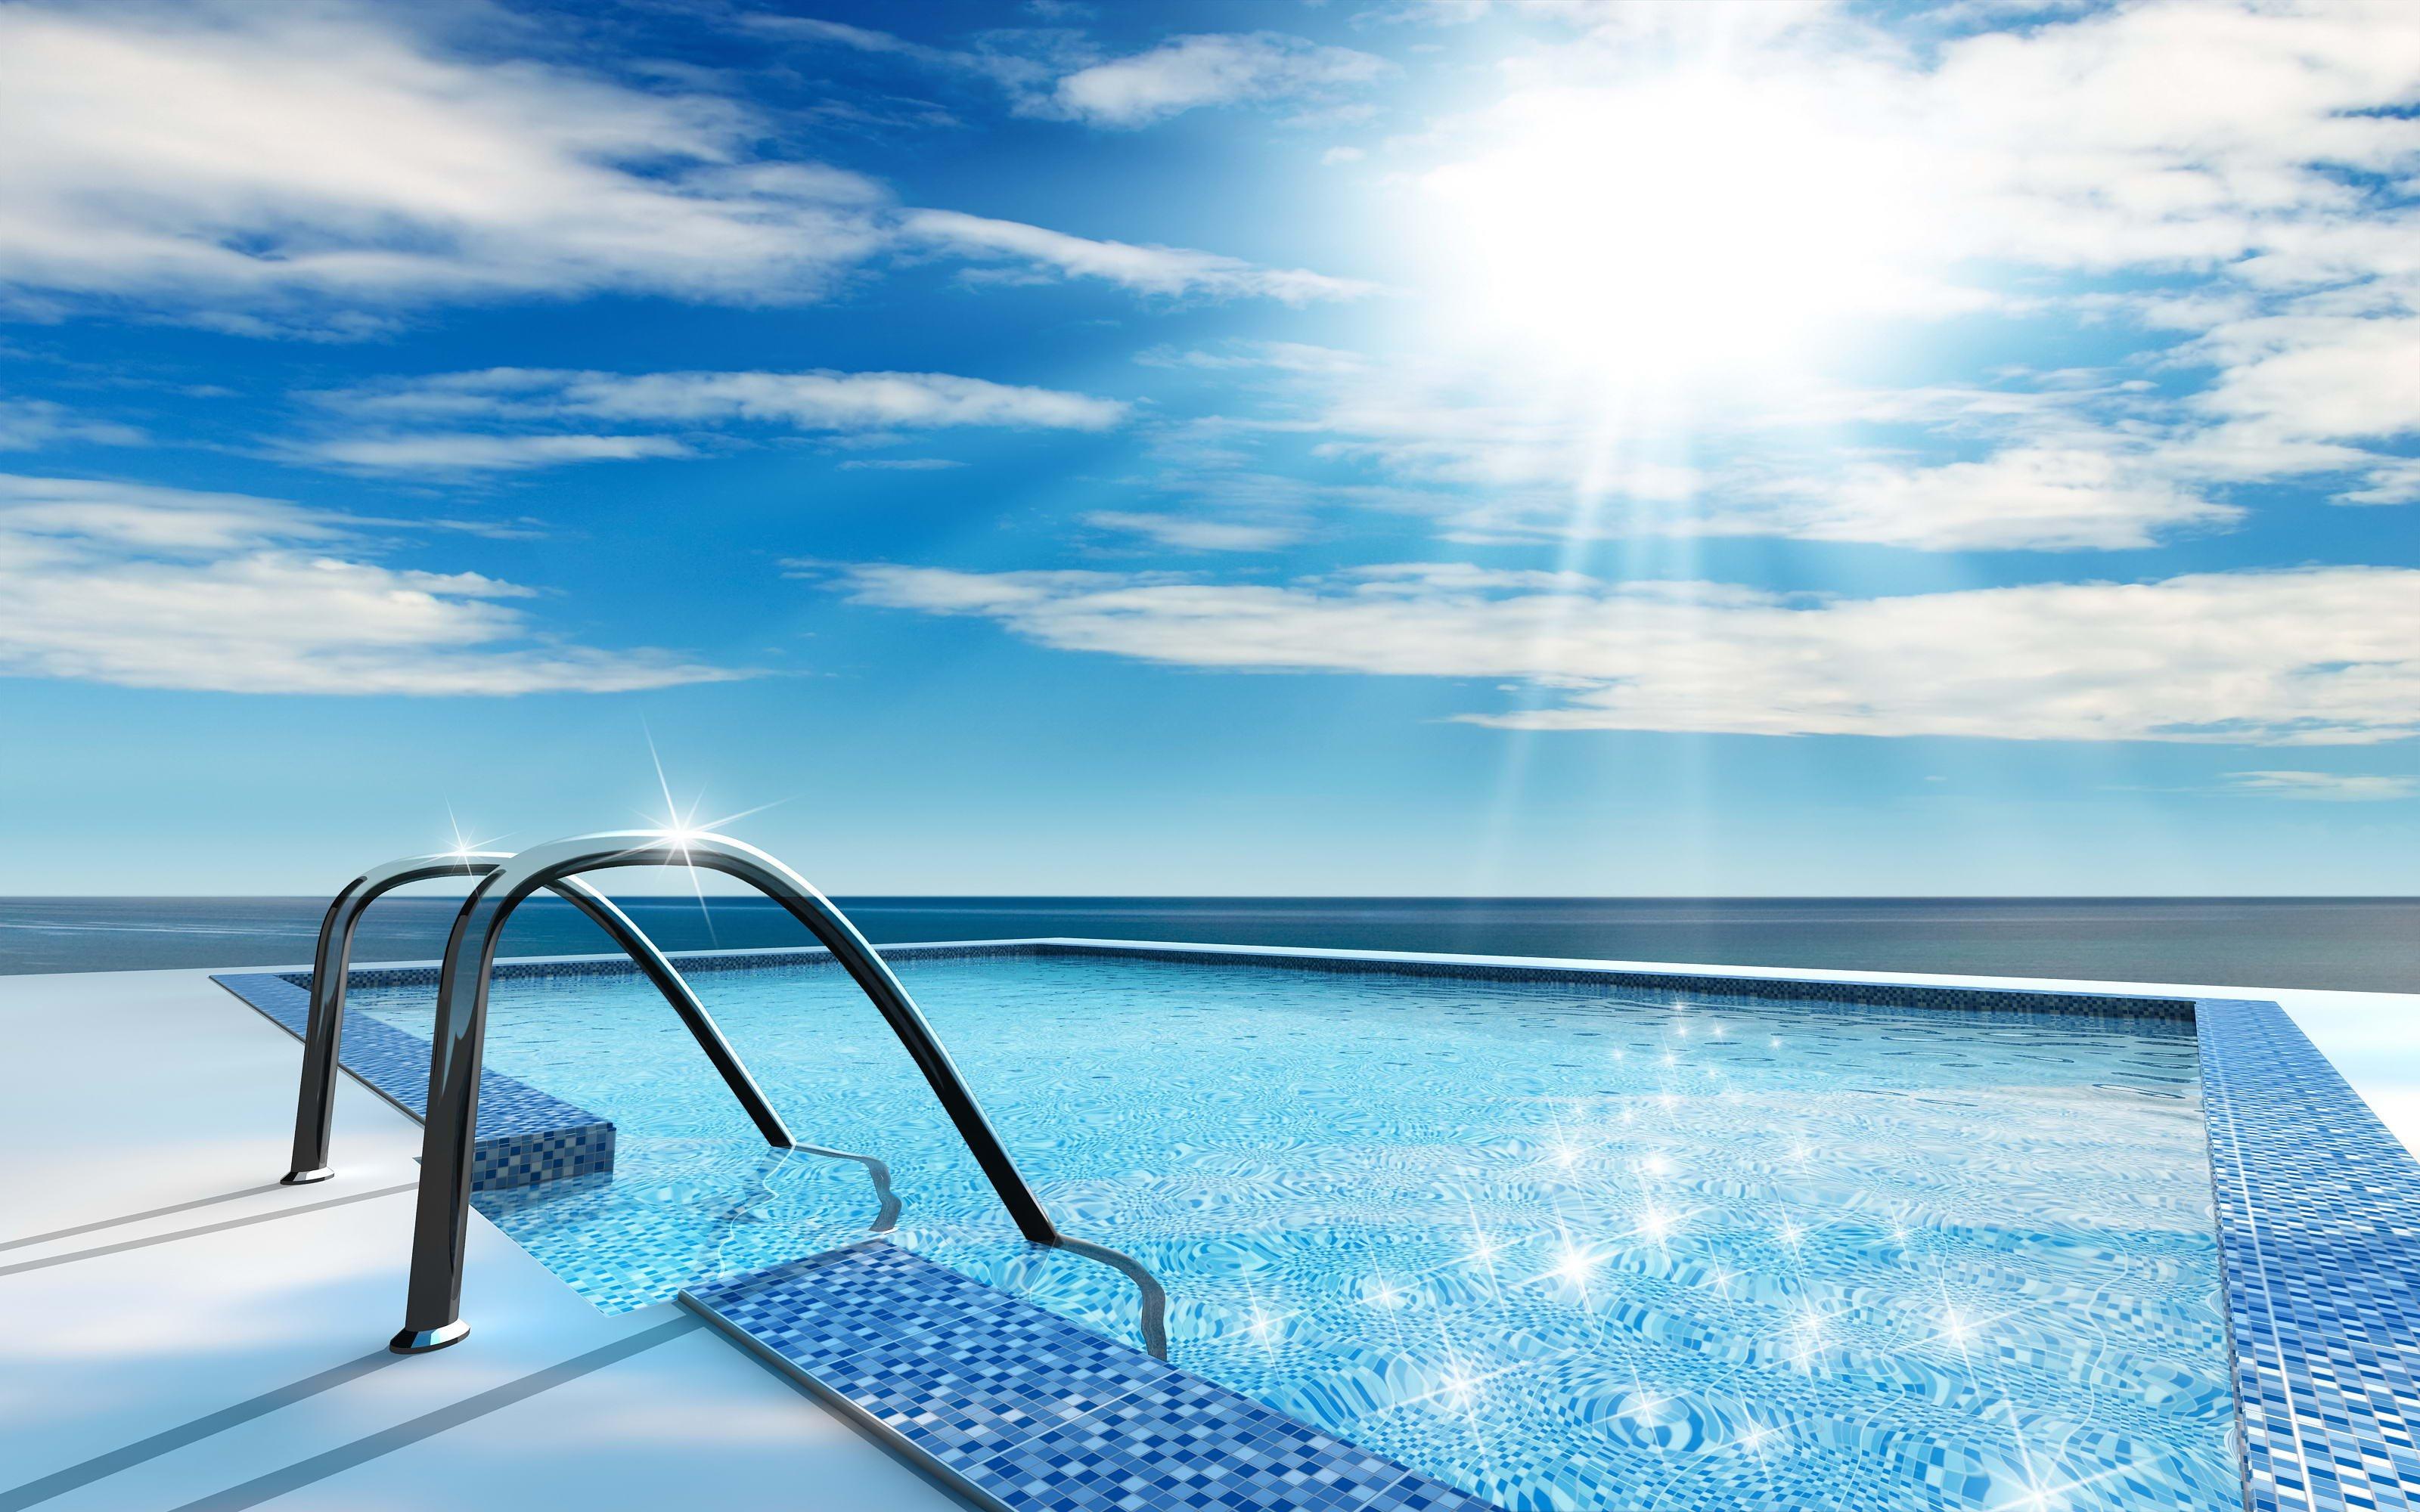 Water Design Wallpaper : Swimming pool water design wallpaper